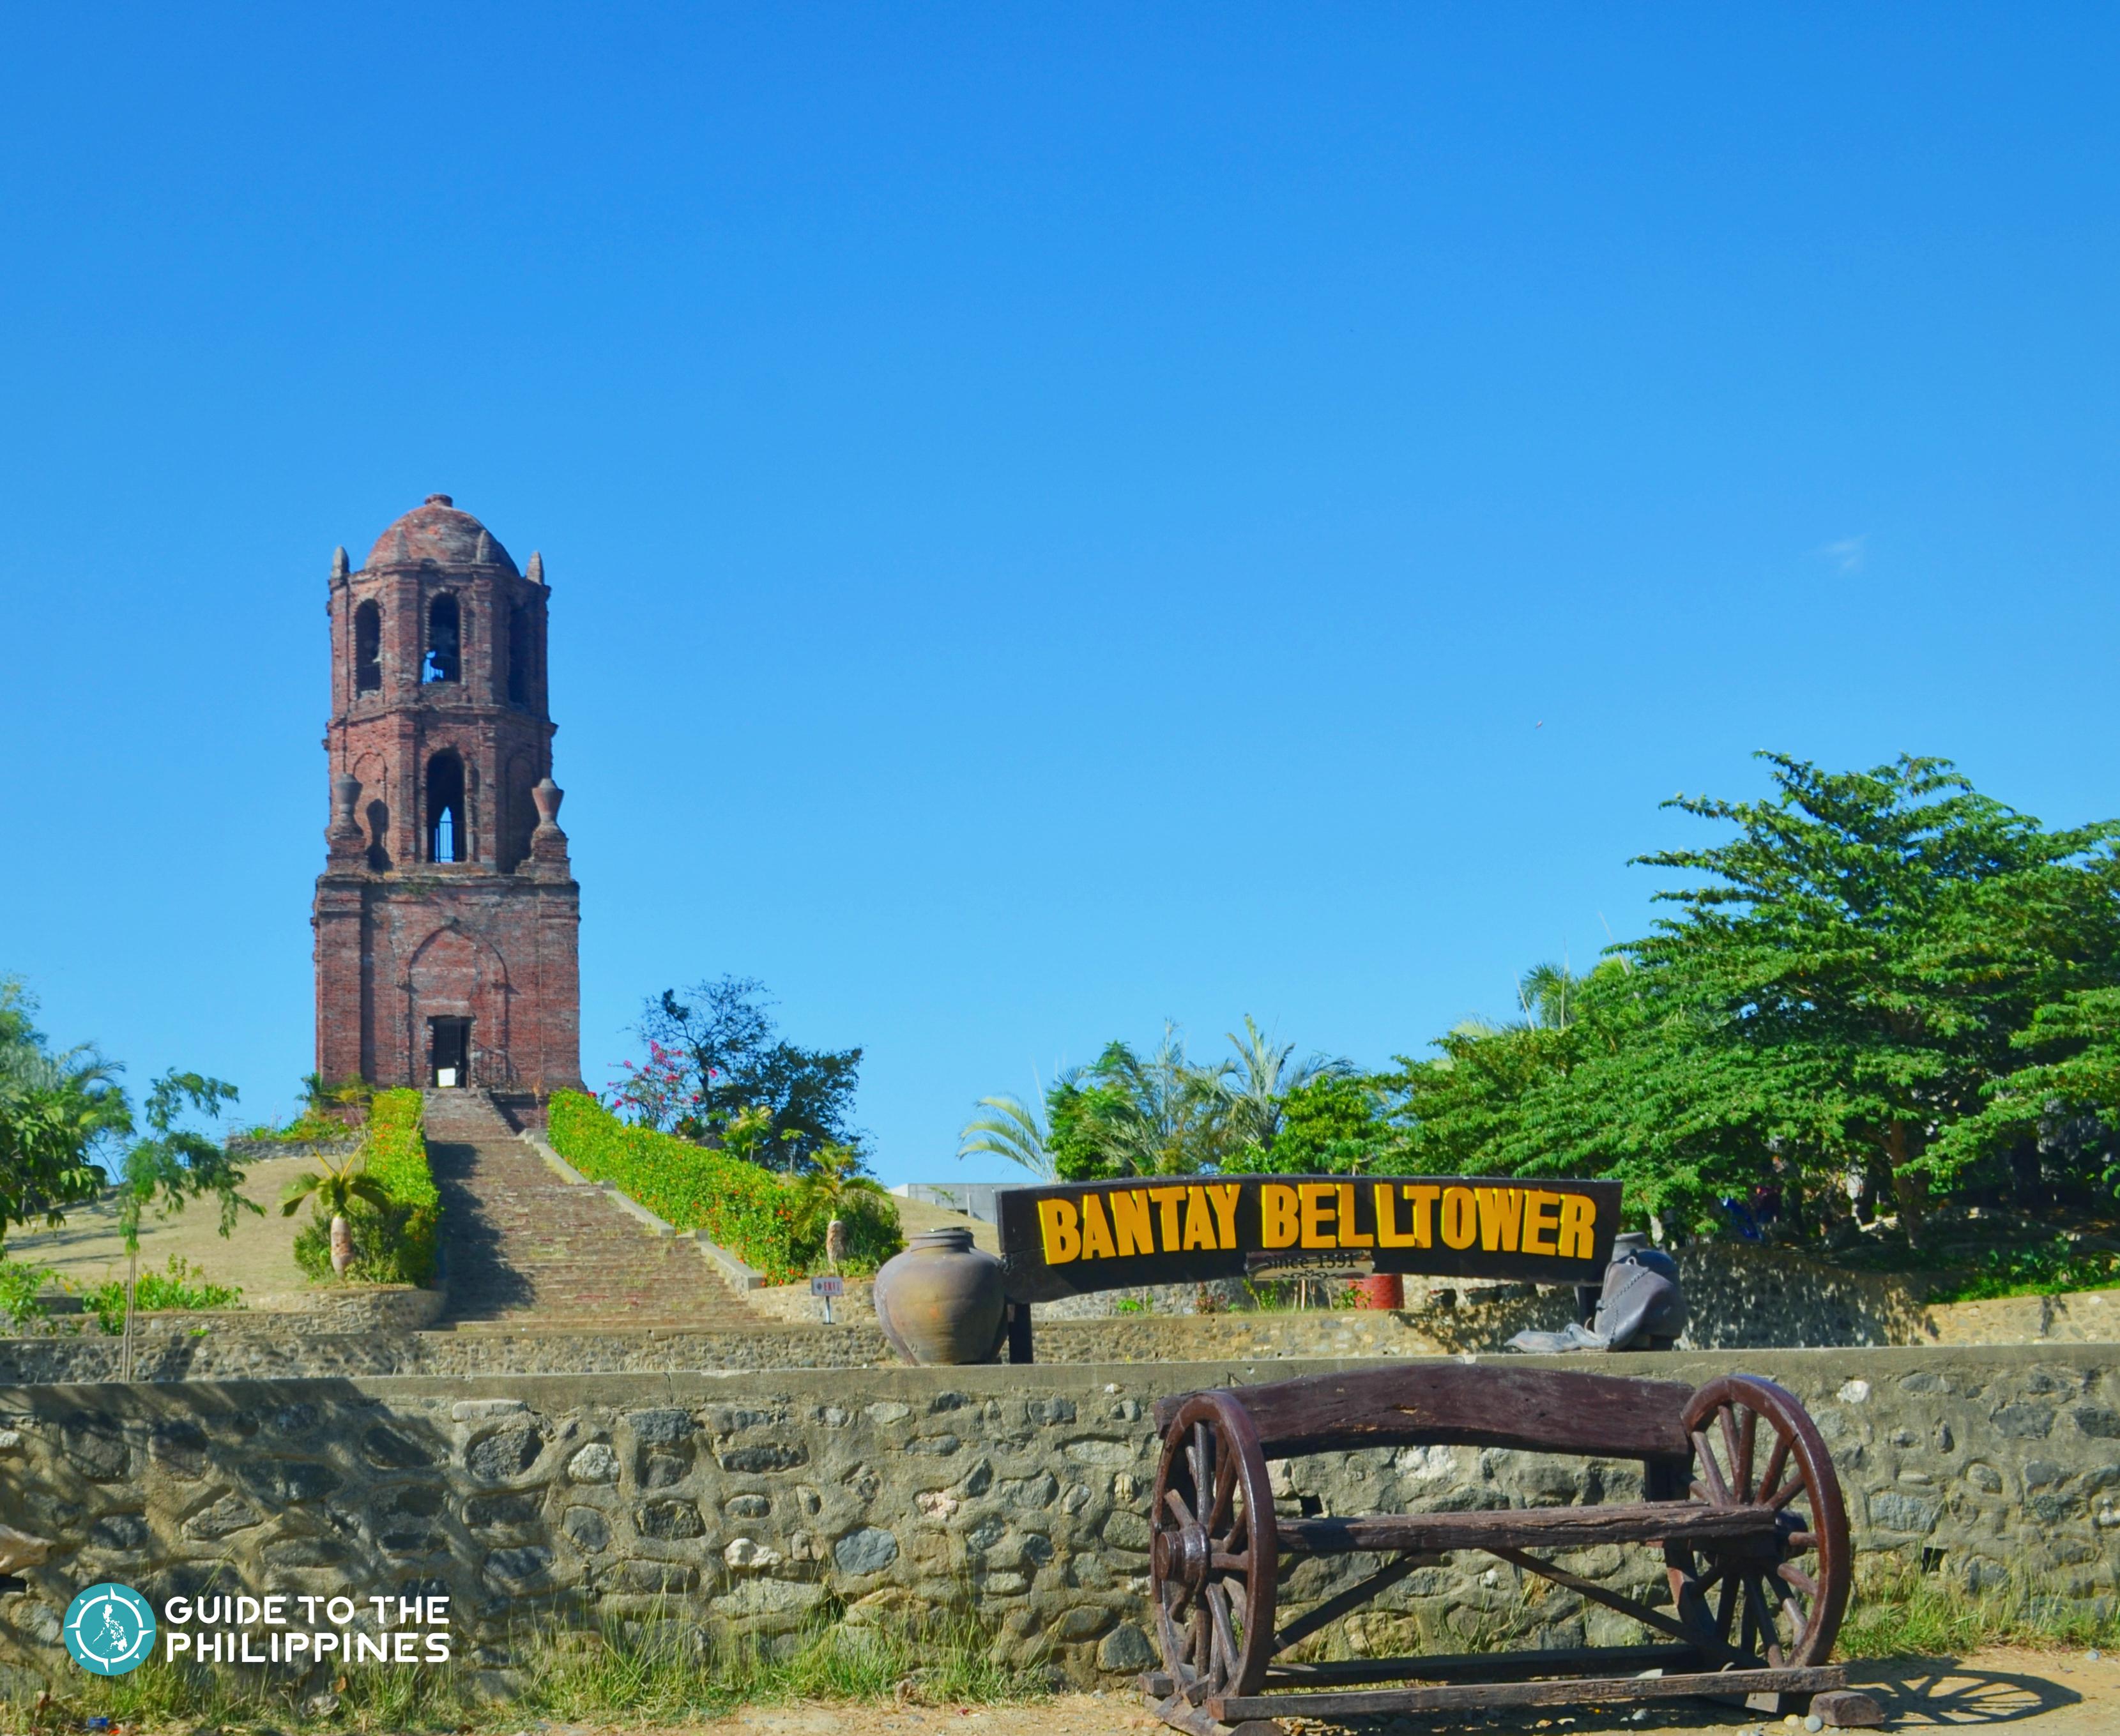 Bantay Belltower, a popular tourist spot in Vigan